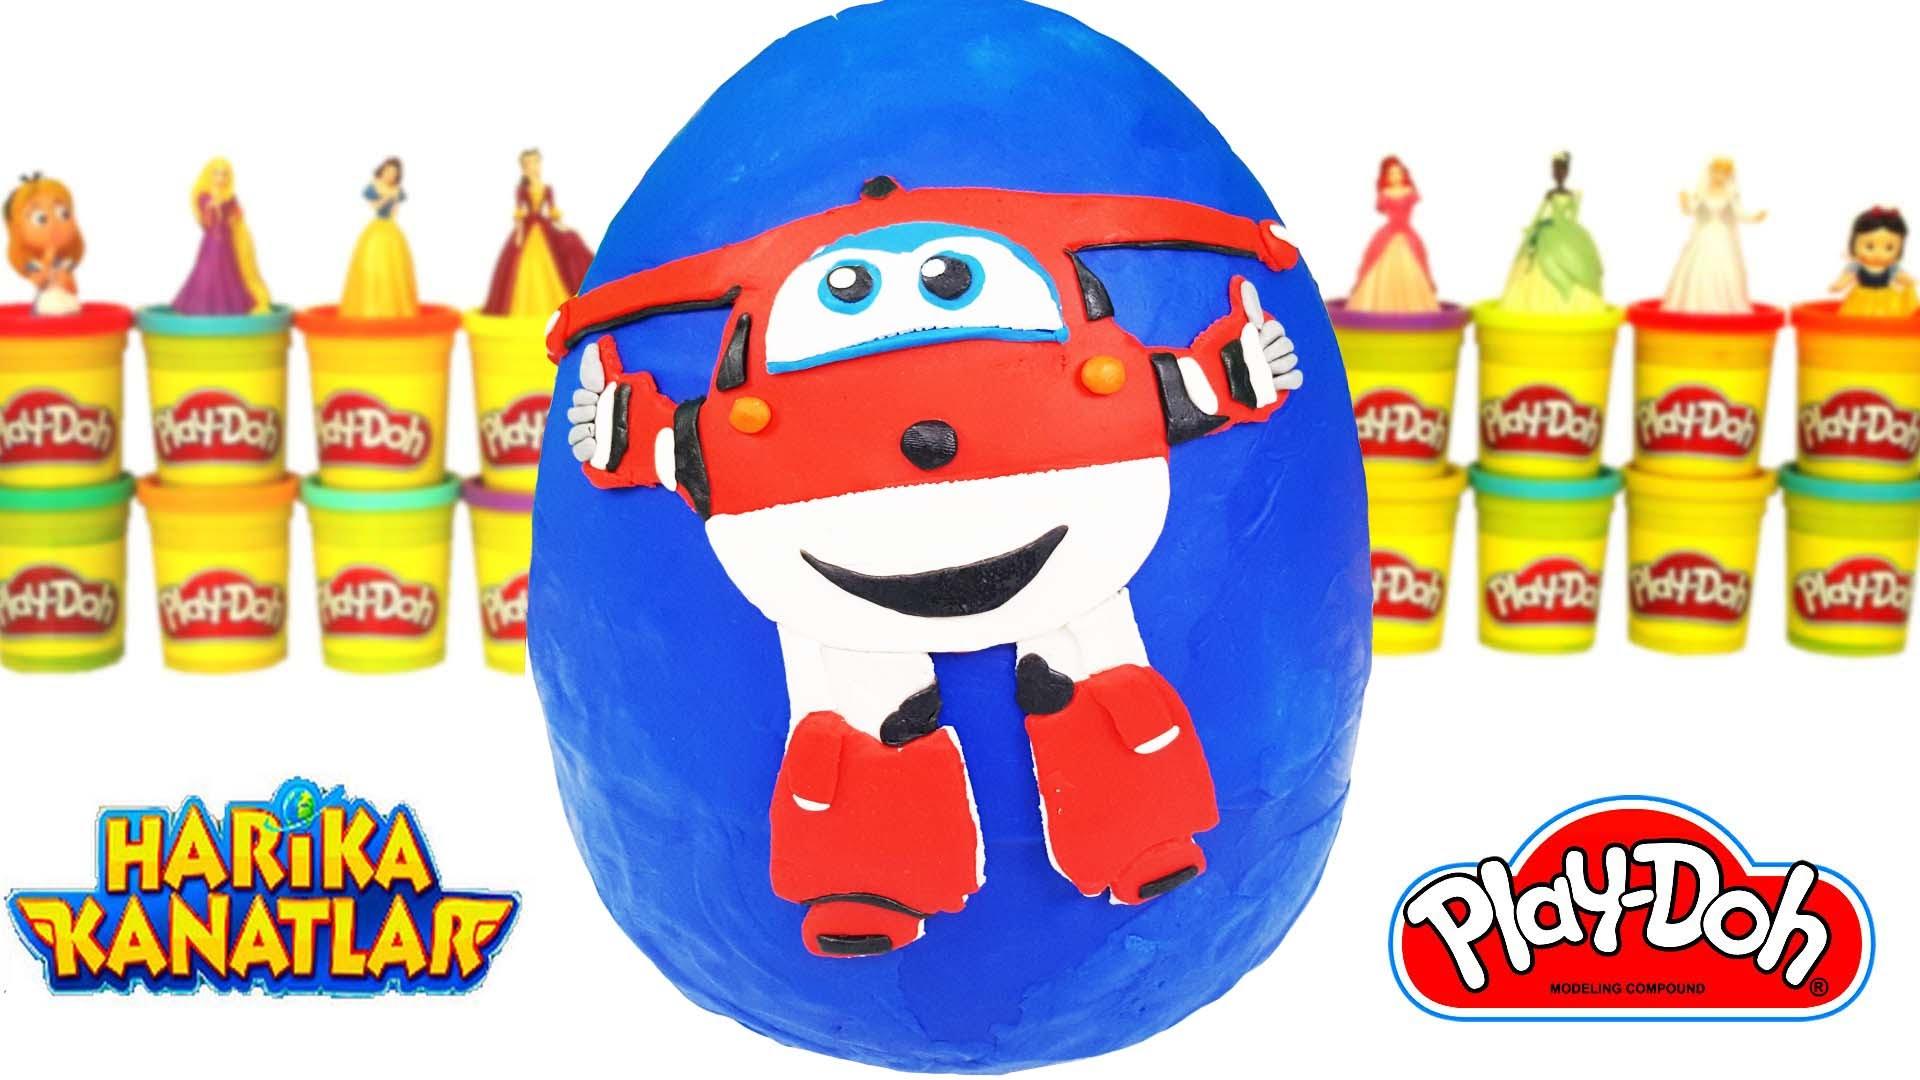 Harika Kanatlar Jett Dev Süpriz Yumurta ToyBox Play Doh Pinypon Jett Harika Kanatlar Oyun Hamuru